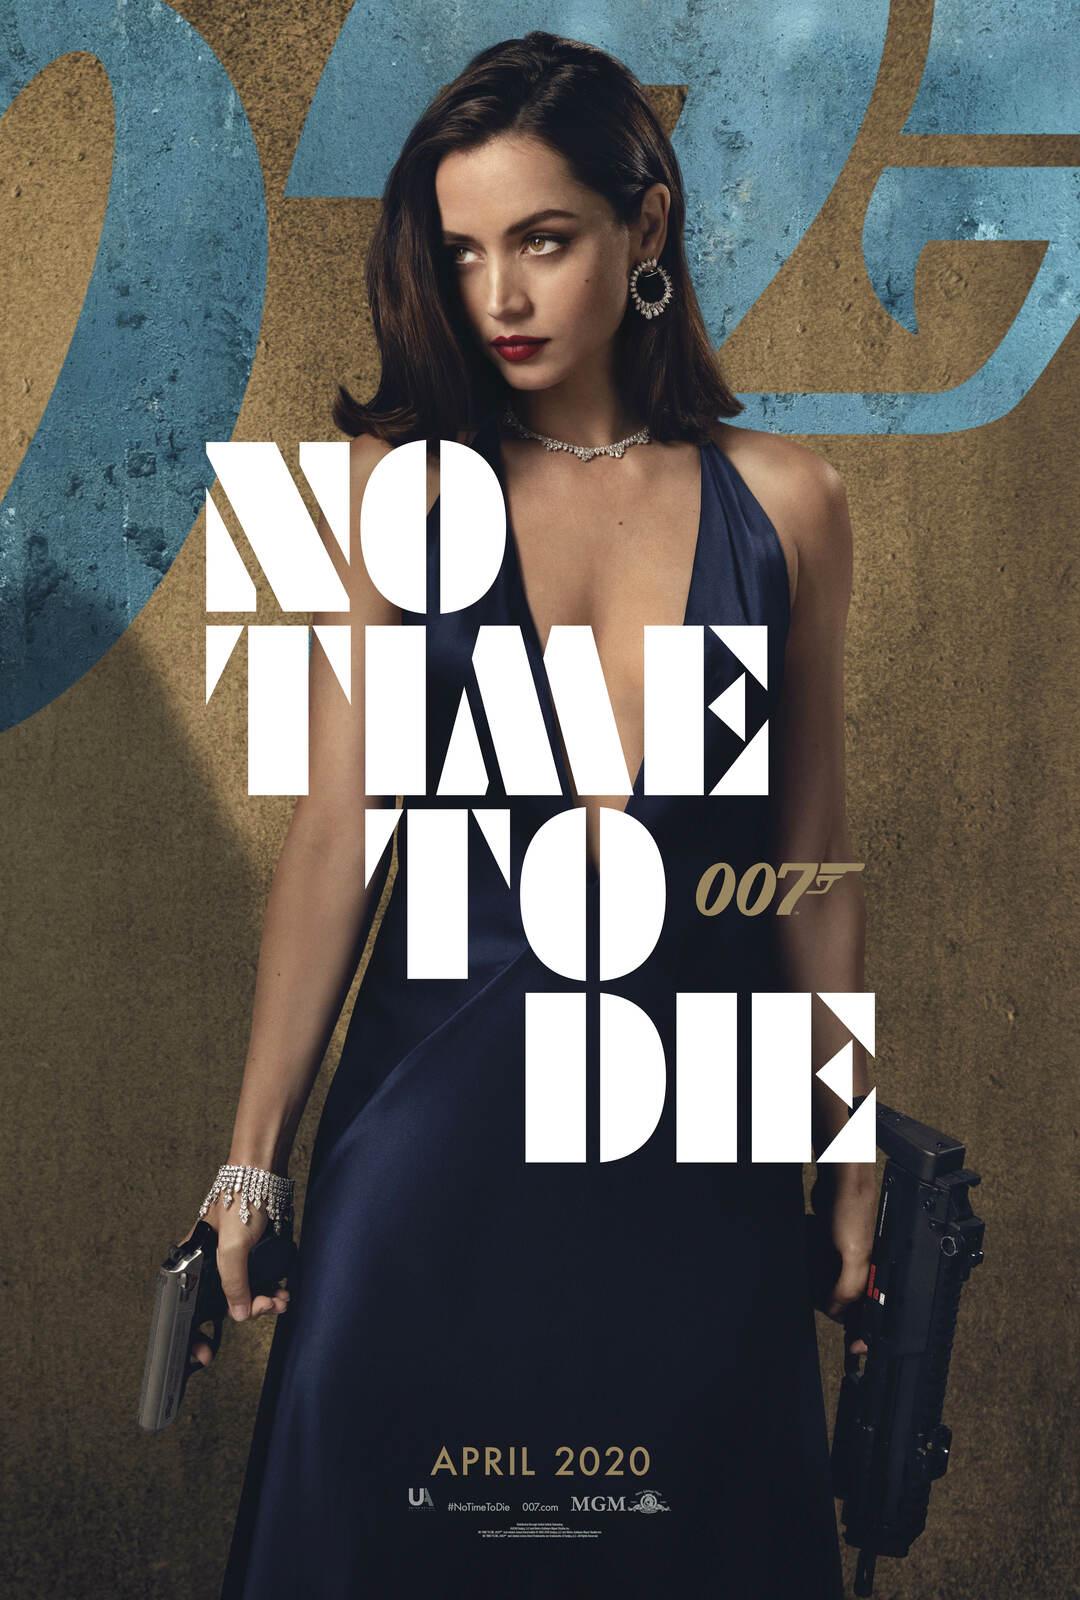 James Bond 25: Dann kommt der erste Trailer - Bild 2 von 8